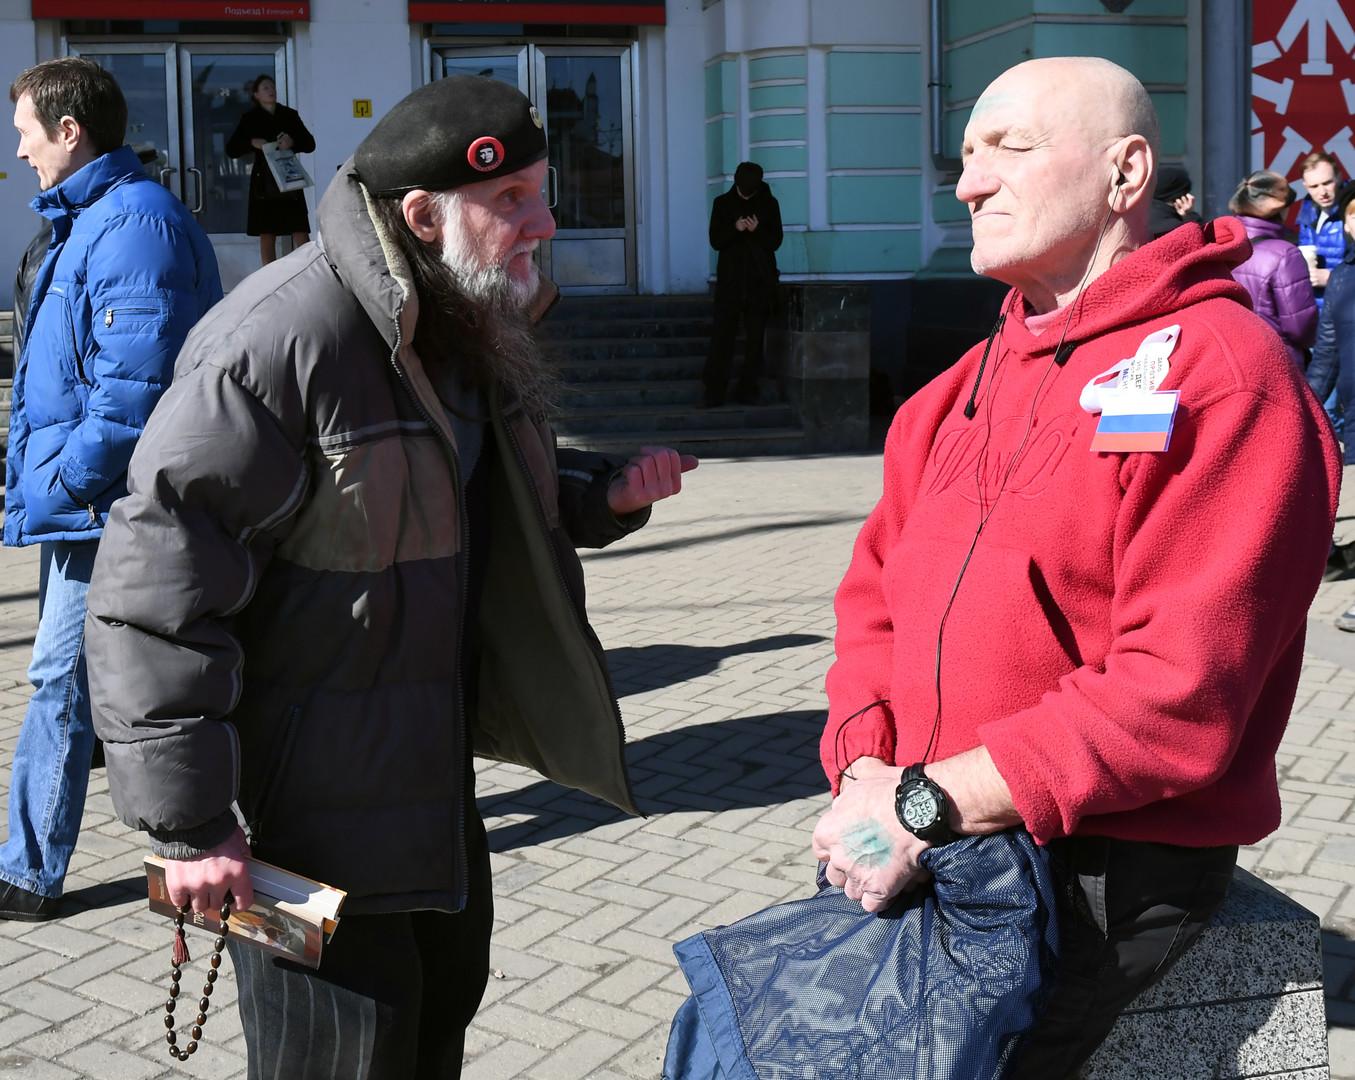 Teilnehmer der nicht genehmigten Anti-Korruptions-Demonstration am 26. März 2017 vor dem Belaruskaja Bahnhof in Moskau.